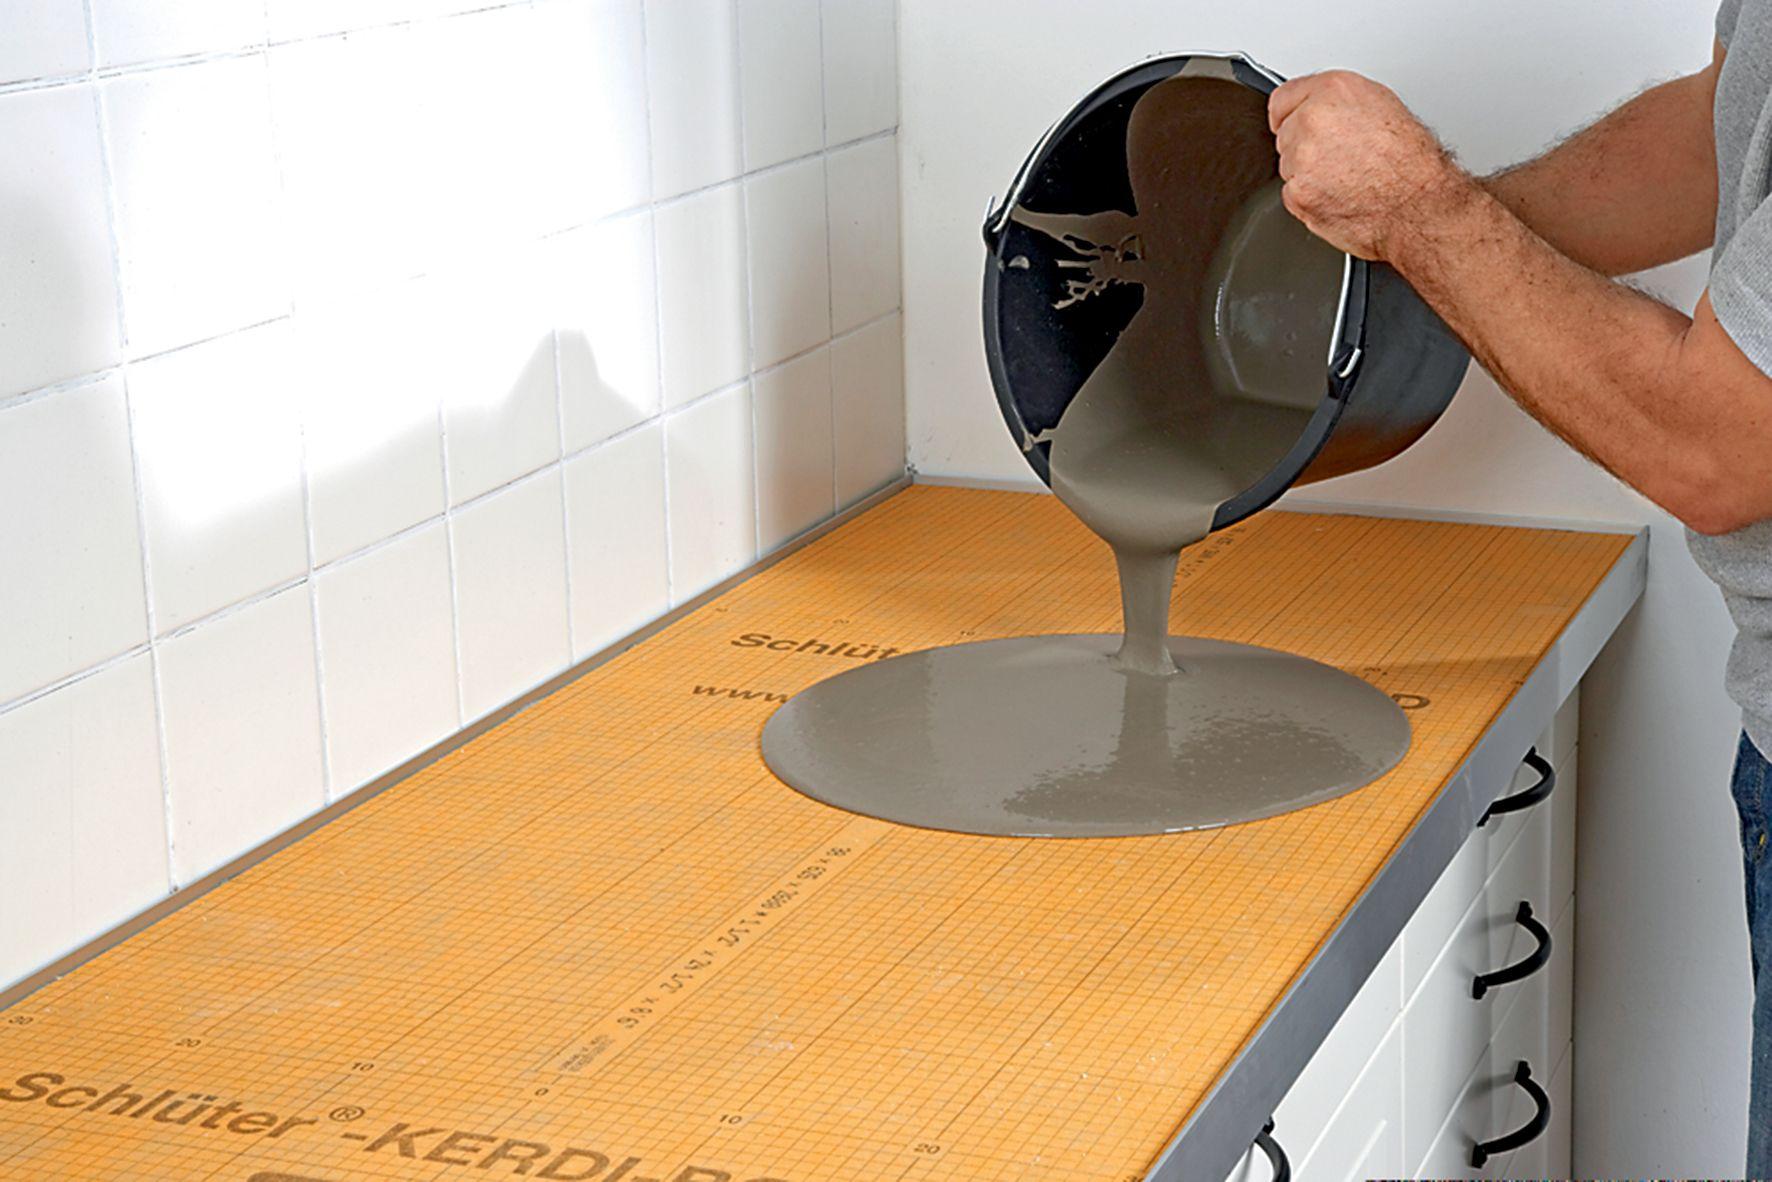 Piano cucina in cemento con Schlüter®-KERDI-BOARD | Schlüter-Systems ...